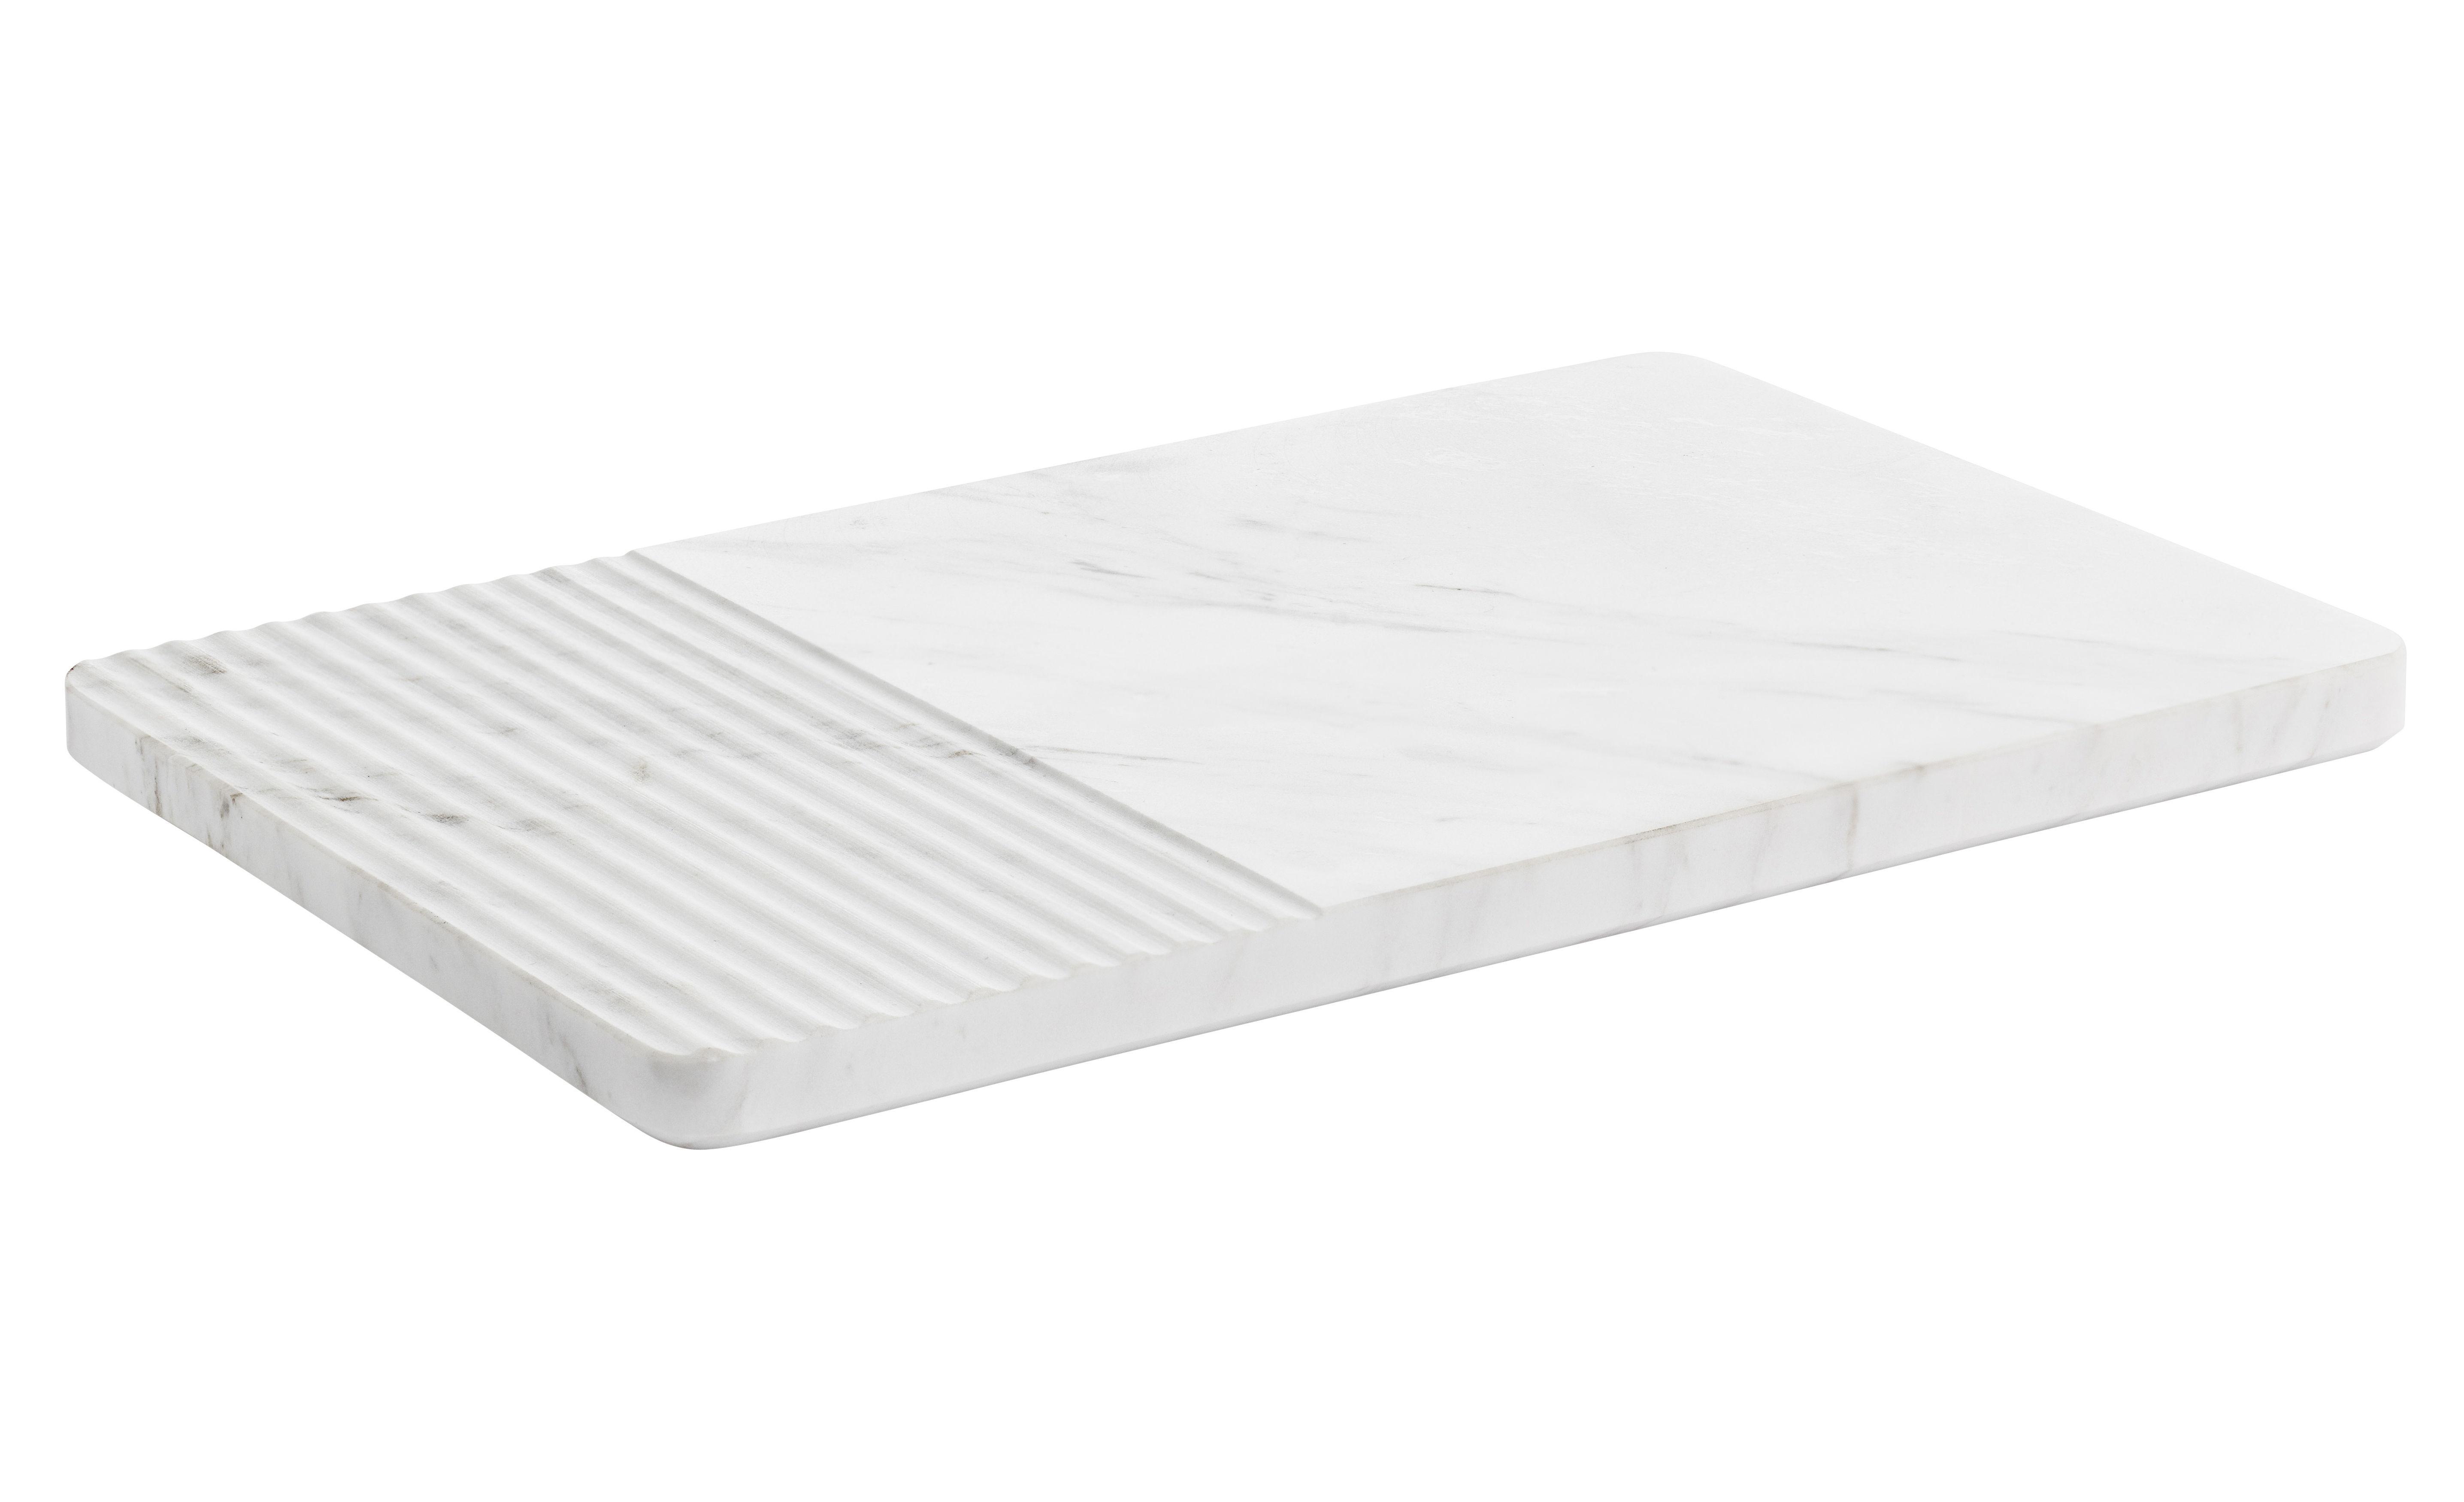 Tischkultur - Topfuntersetzer - Groove Schneidebrett / Tischplatte aus Marmor - 30 x 19 cm - Muuto - Weiß - Marmor